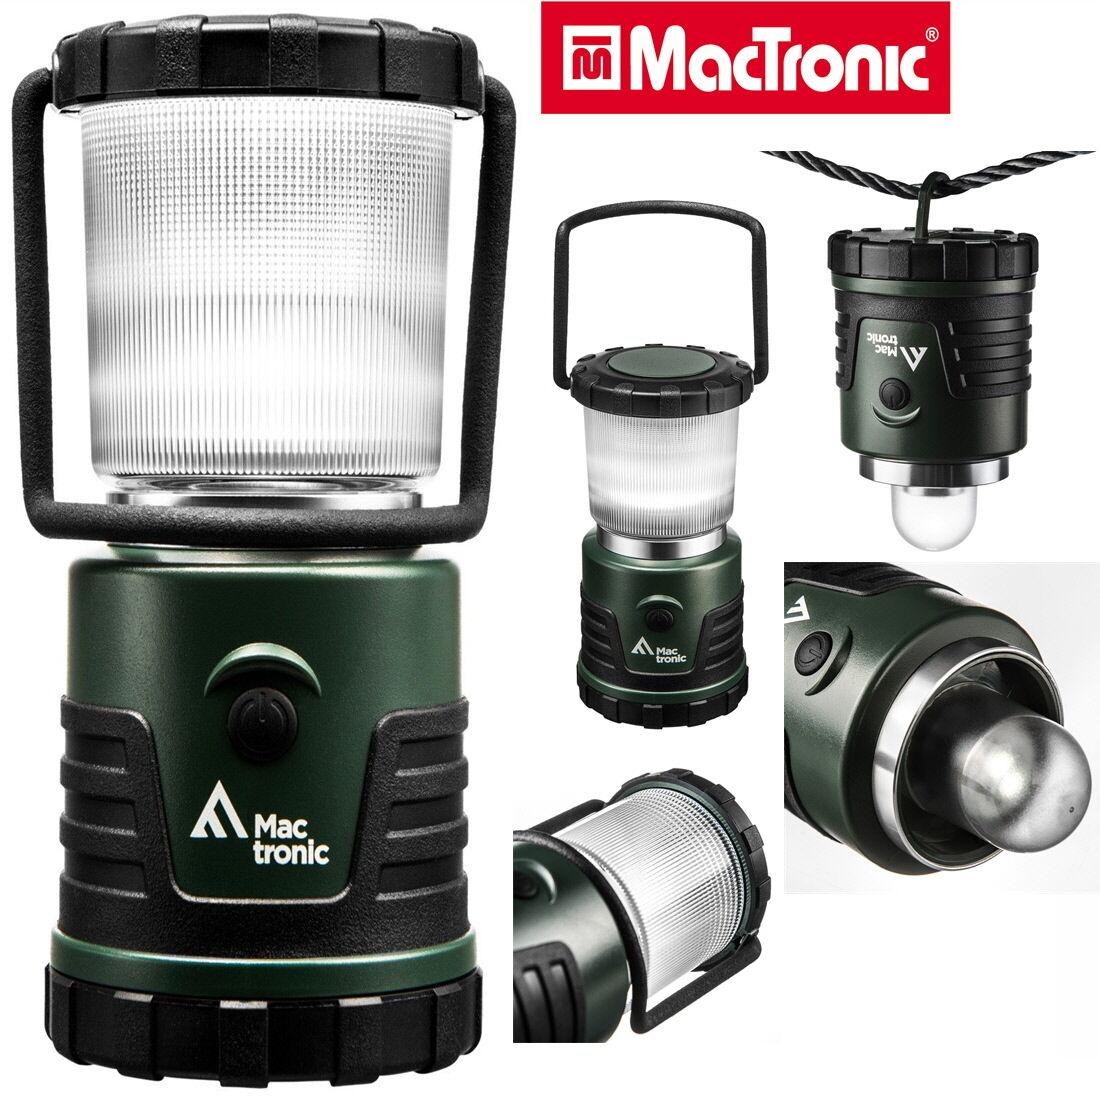 LED Campinglampe Hängelampe LATERNE Mactronic STRAHLER ZELTLAMPE LT-250L    Schönes Aussehen